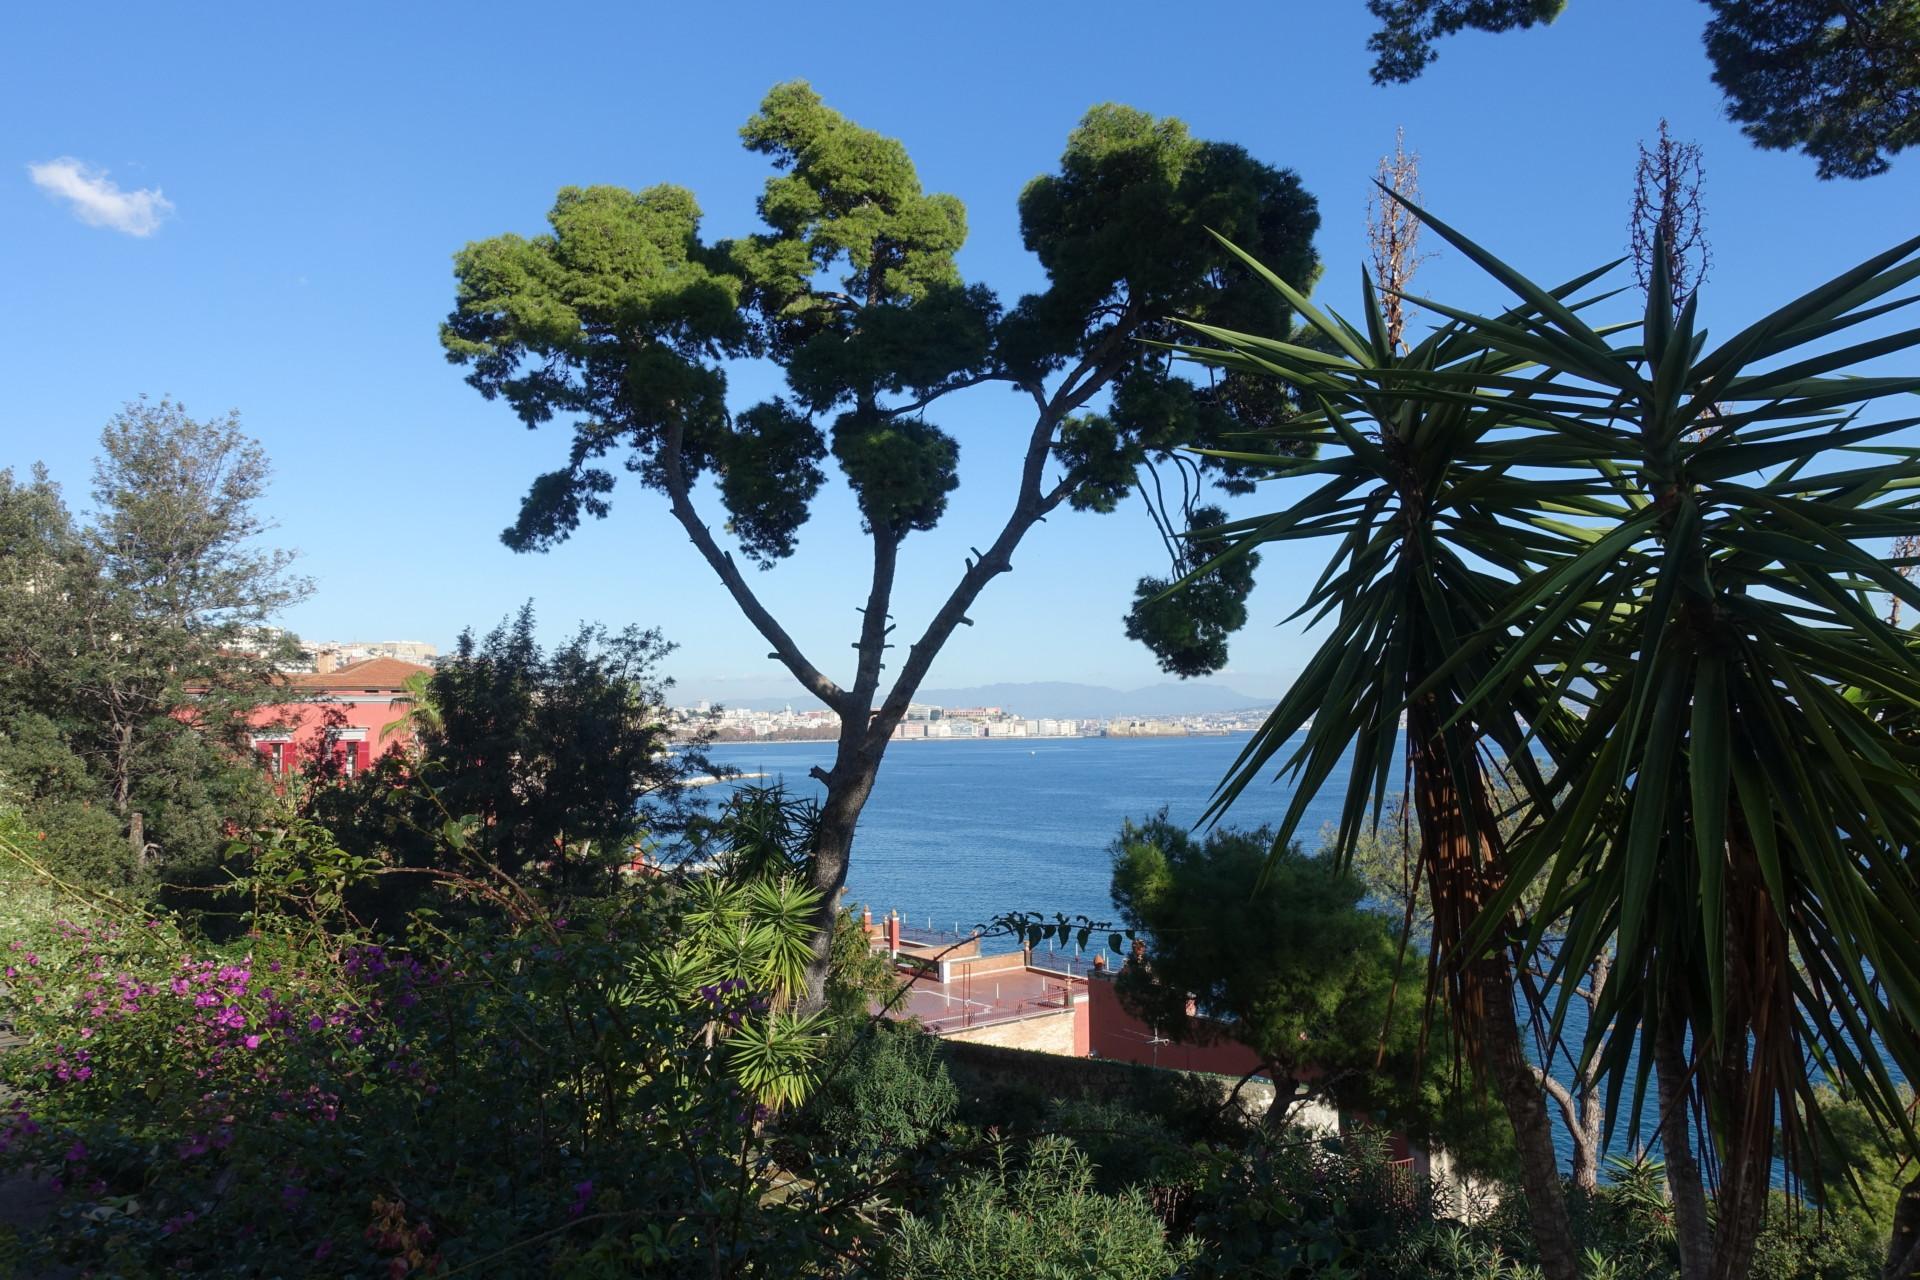 Sicht auf den Neapel, Palazzo Donna Anna